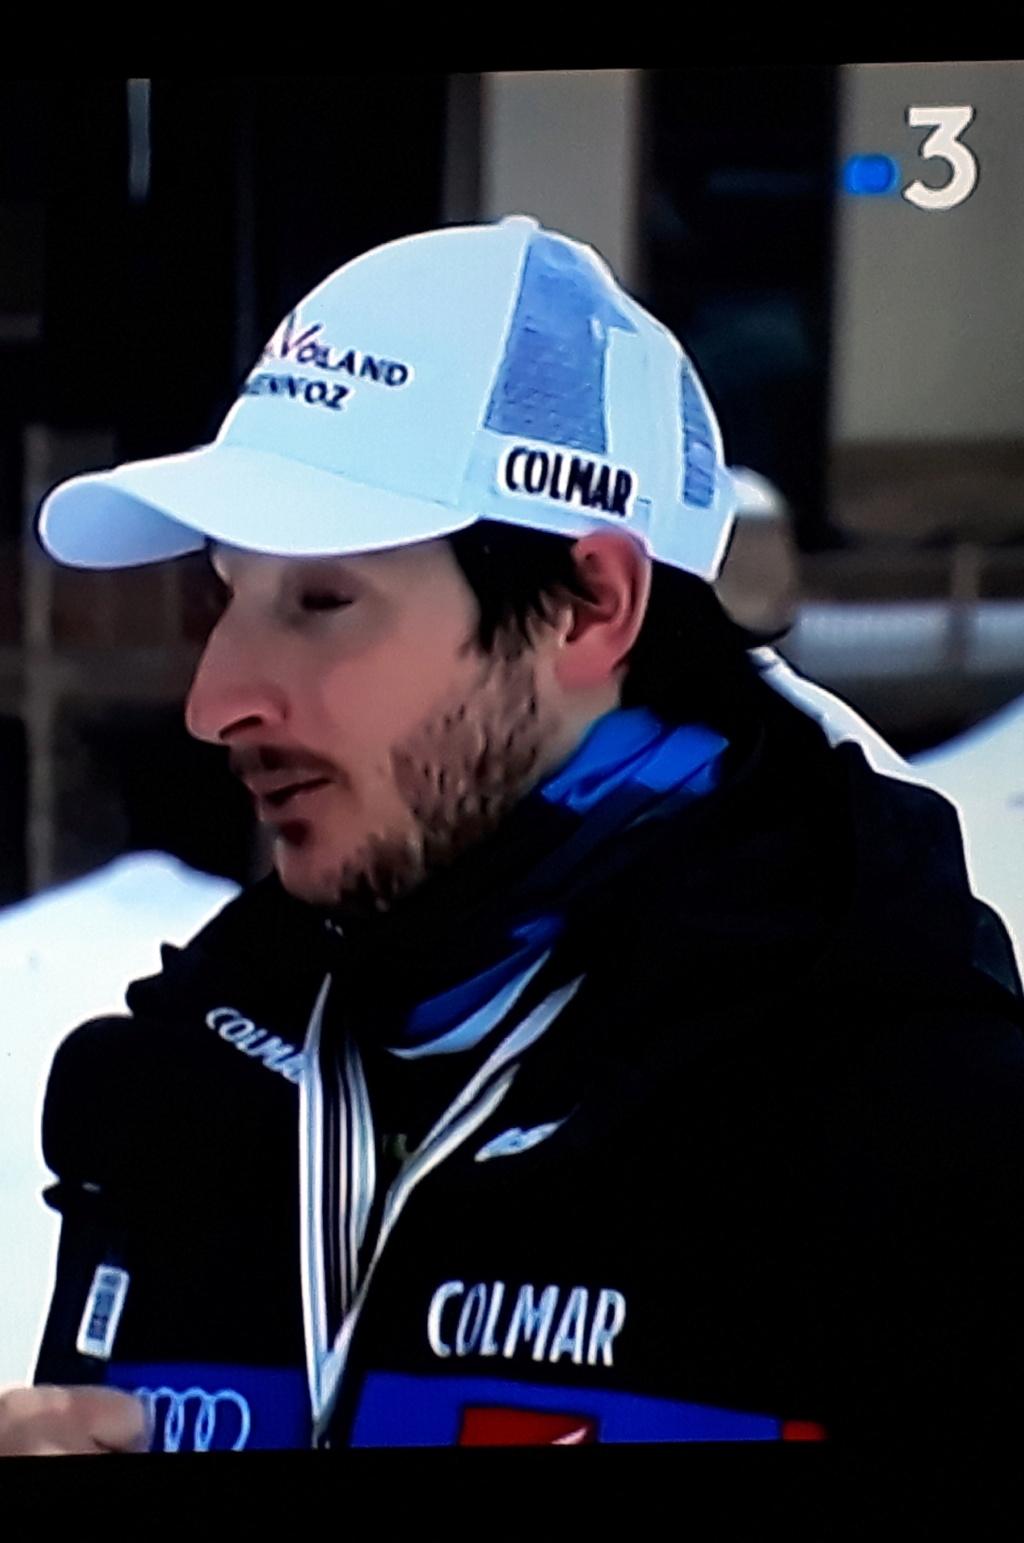 COLMAR ... Colmar12